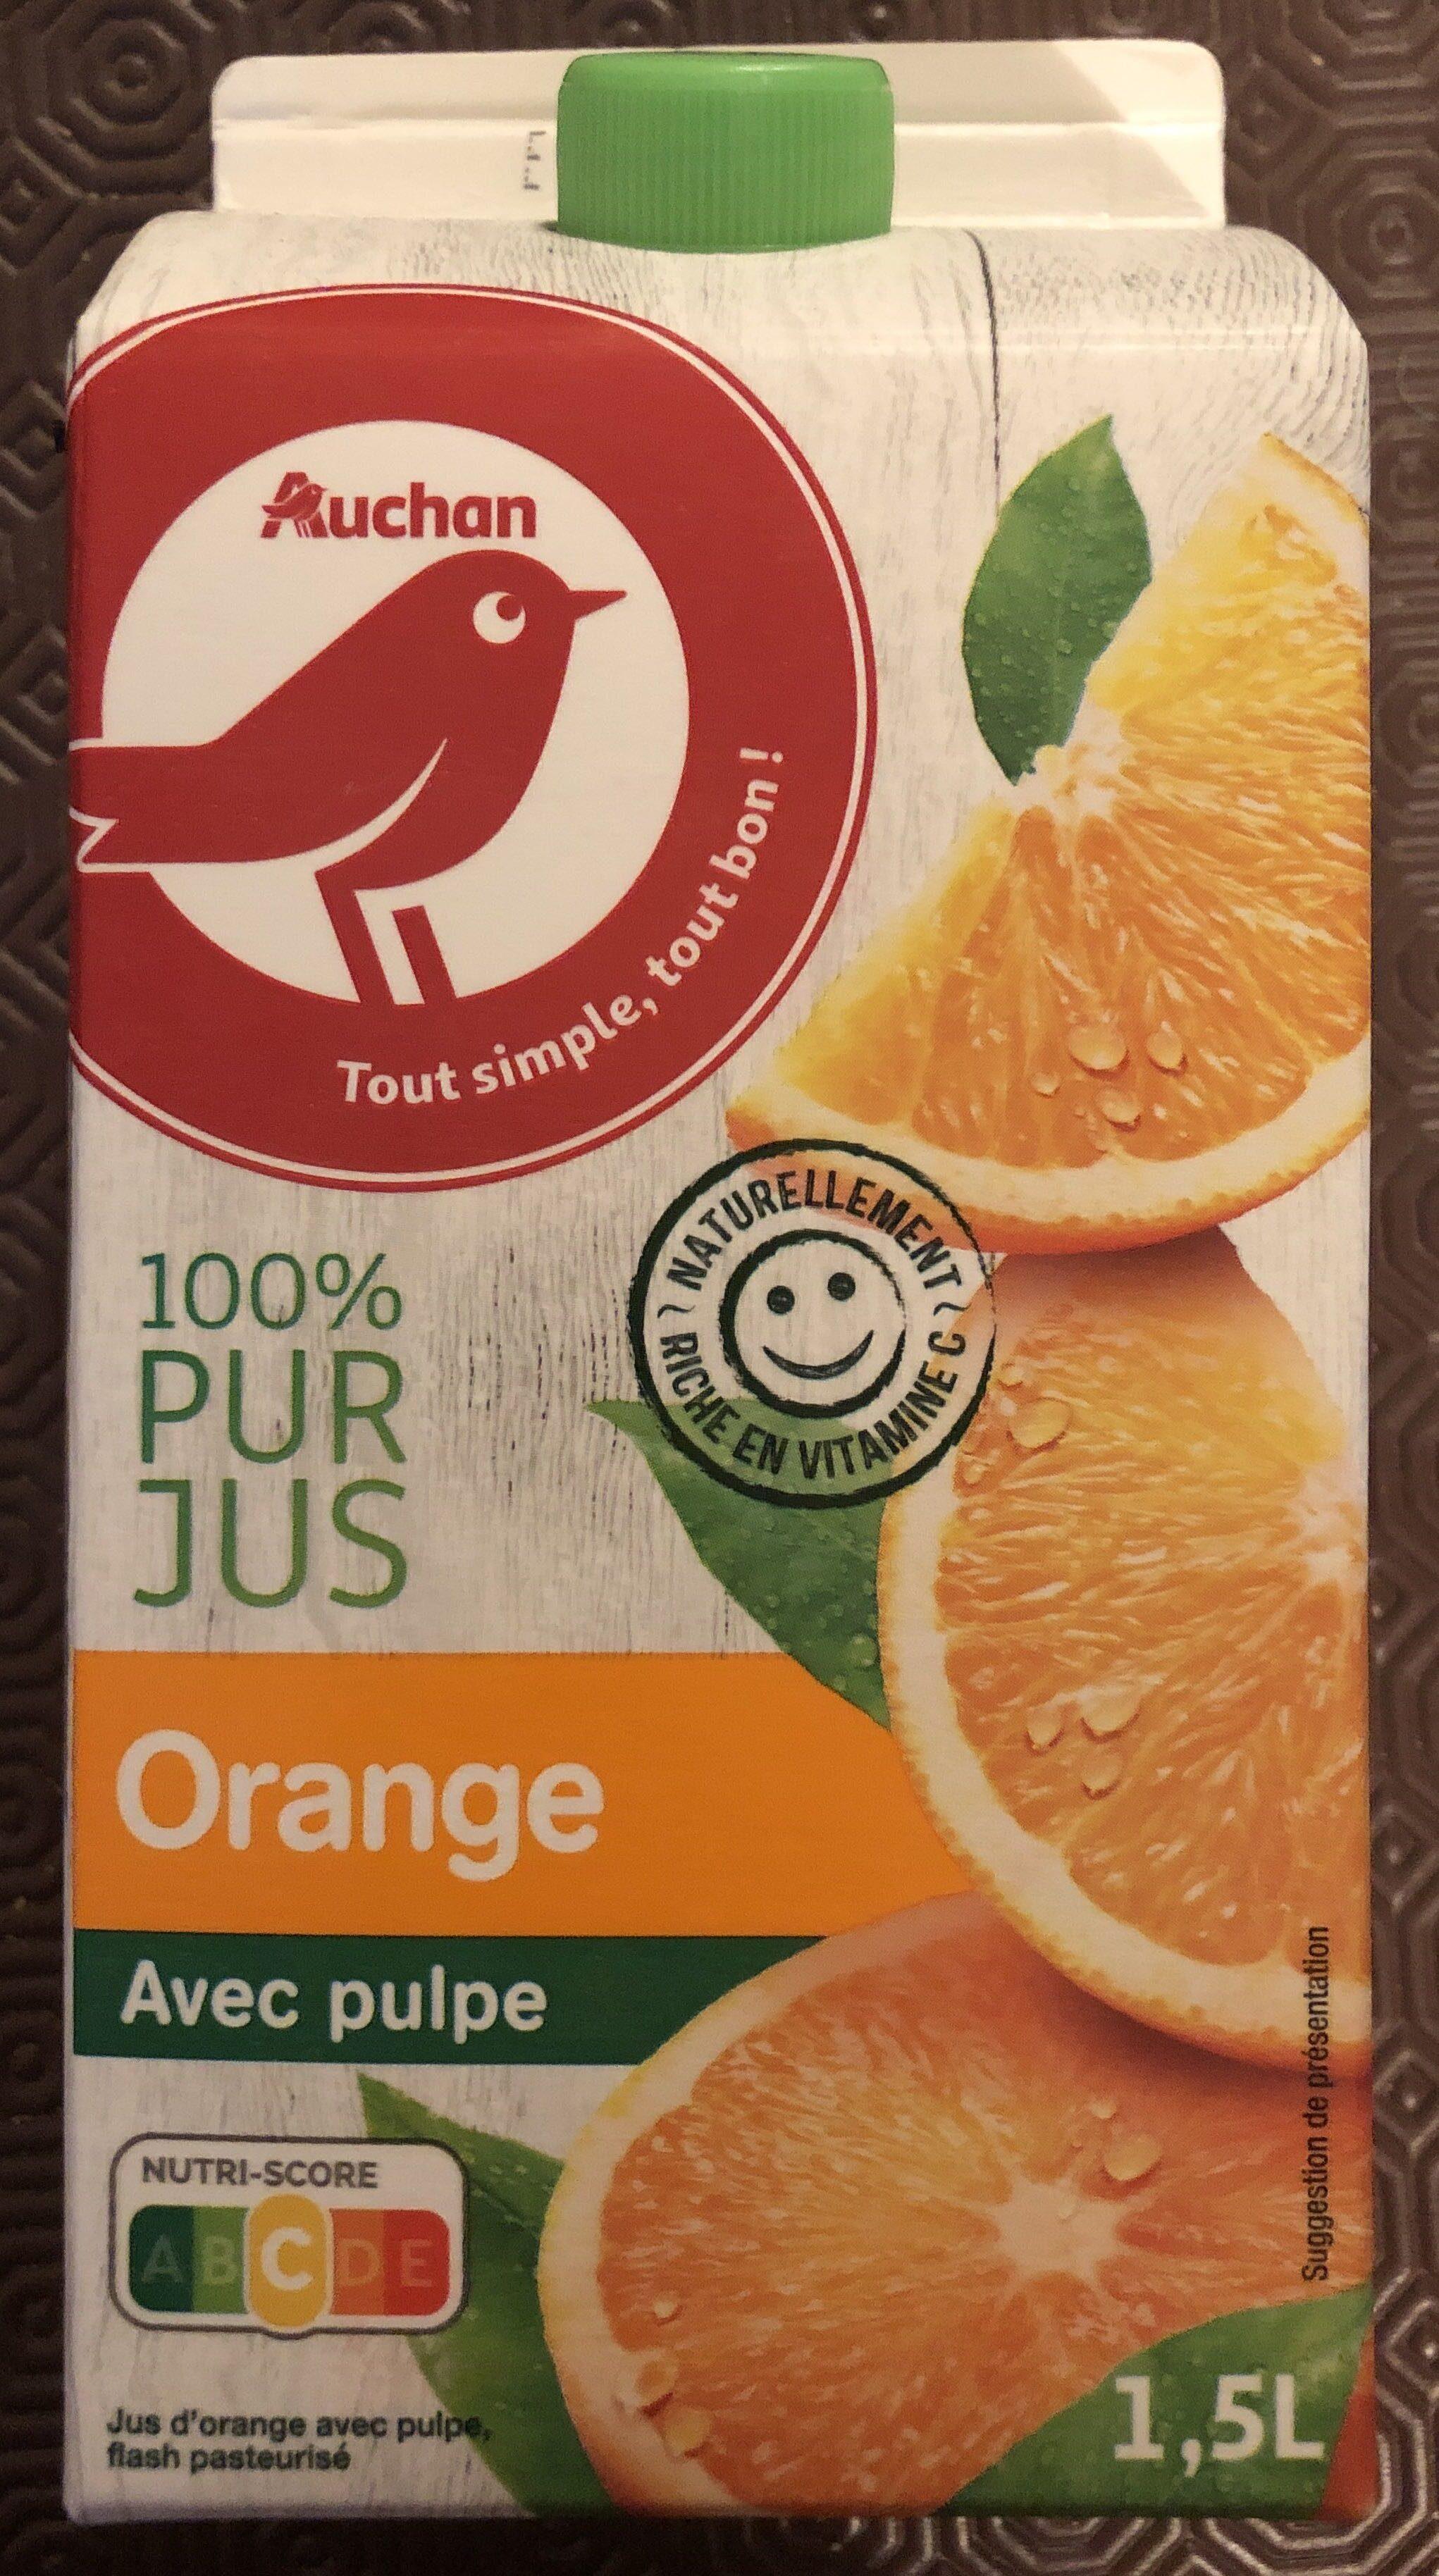 Orange pressée avec pulpe - Produit - fr